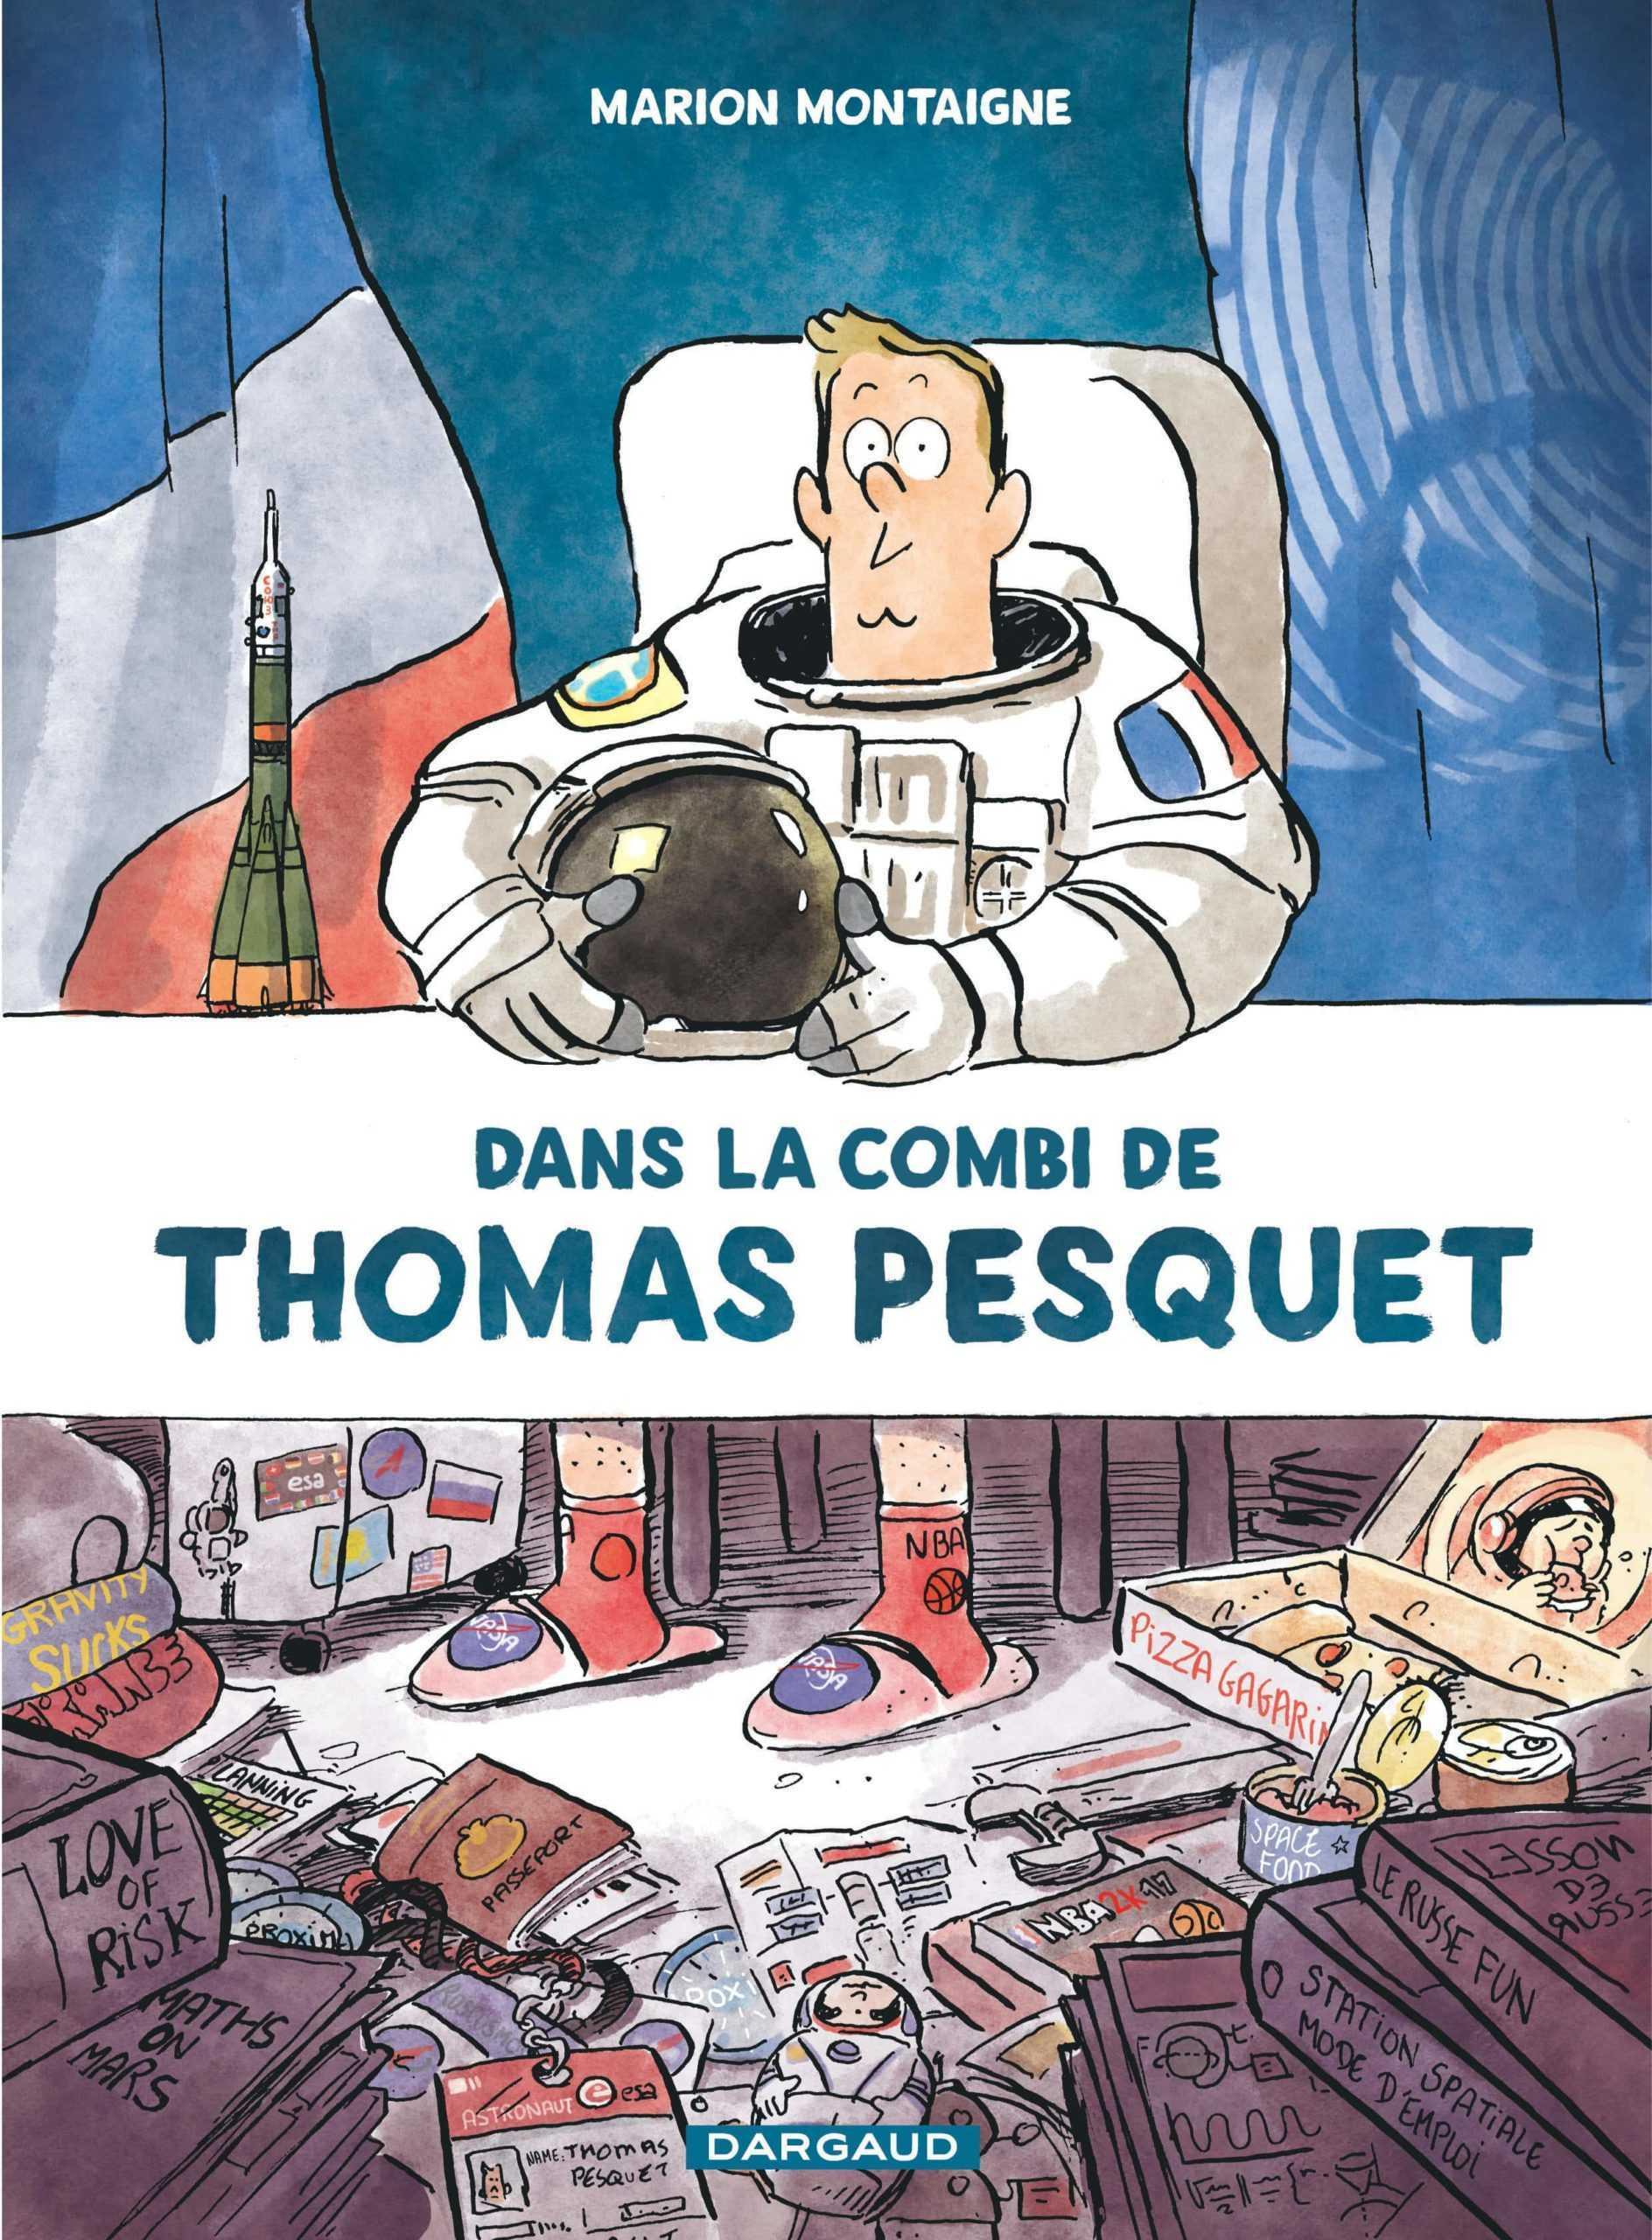 Fauve Prix du Public Cultura du Festival d'Angoulême à Marion Montaigne pour Dans la combi de Thomas Pesquet